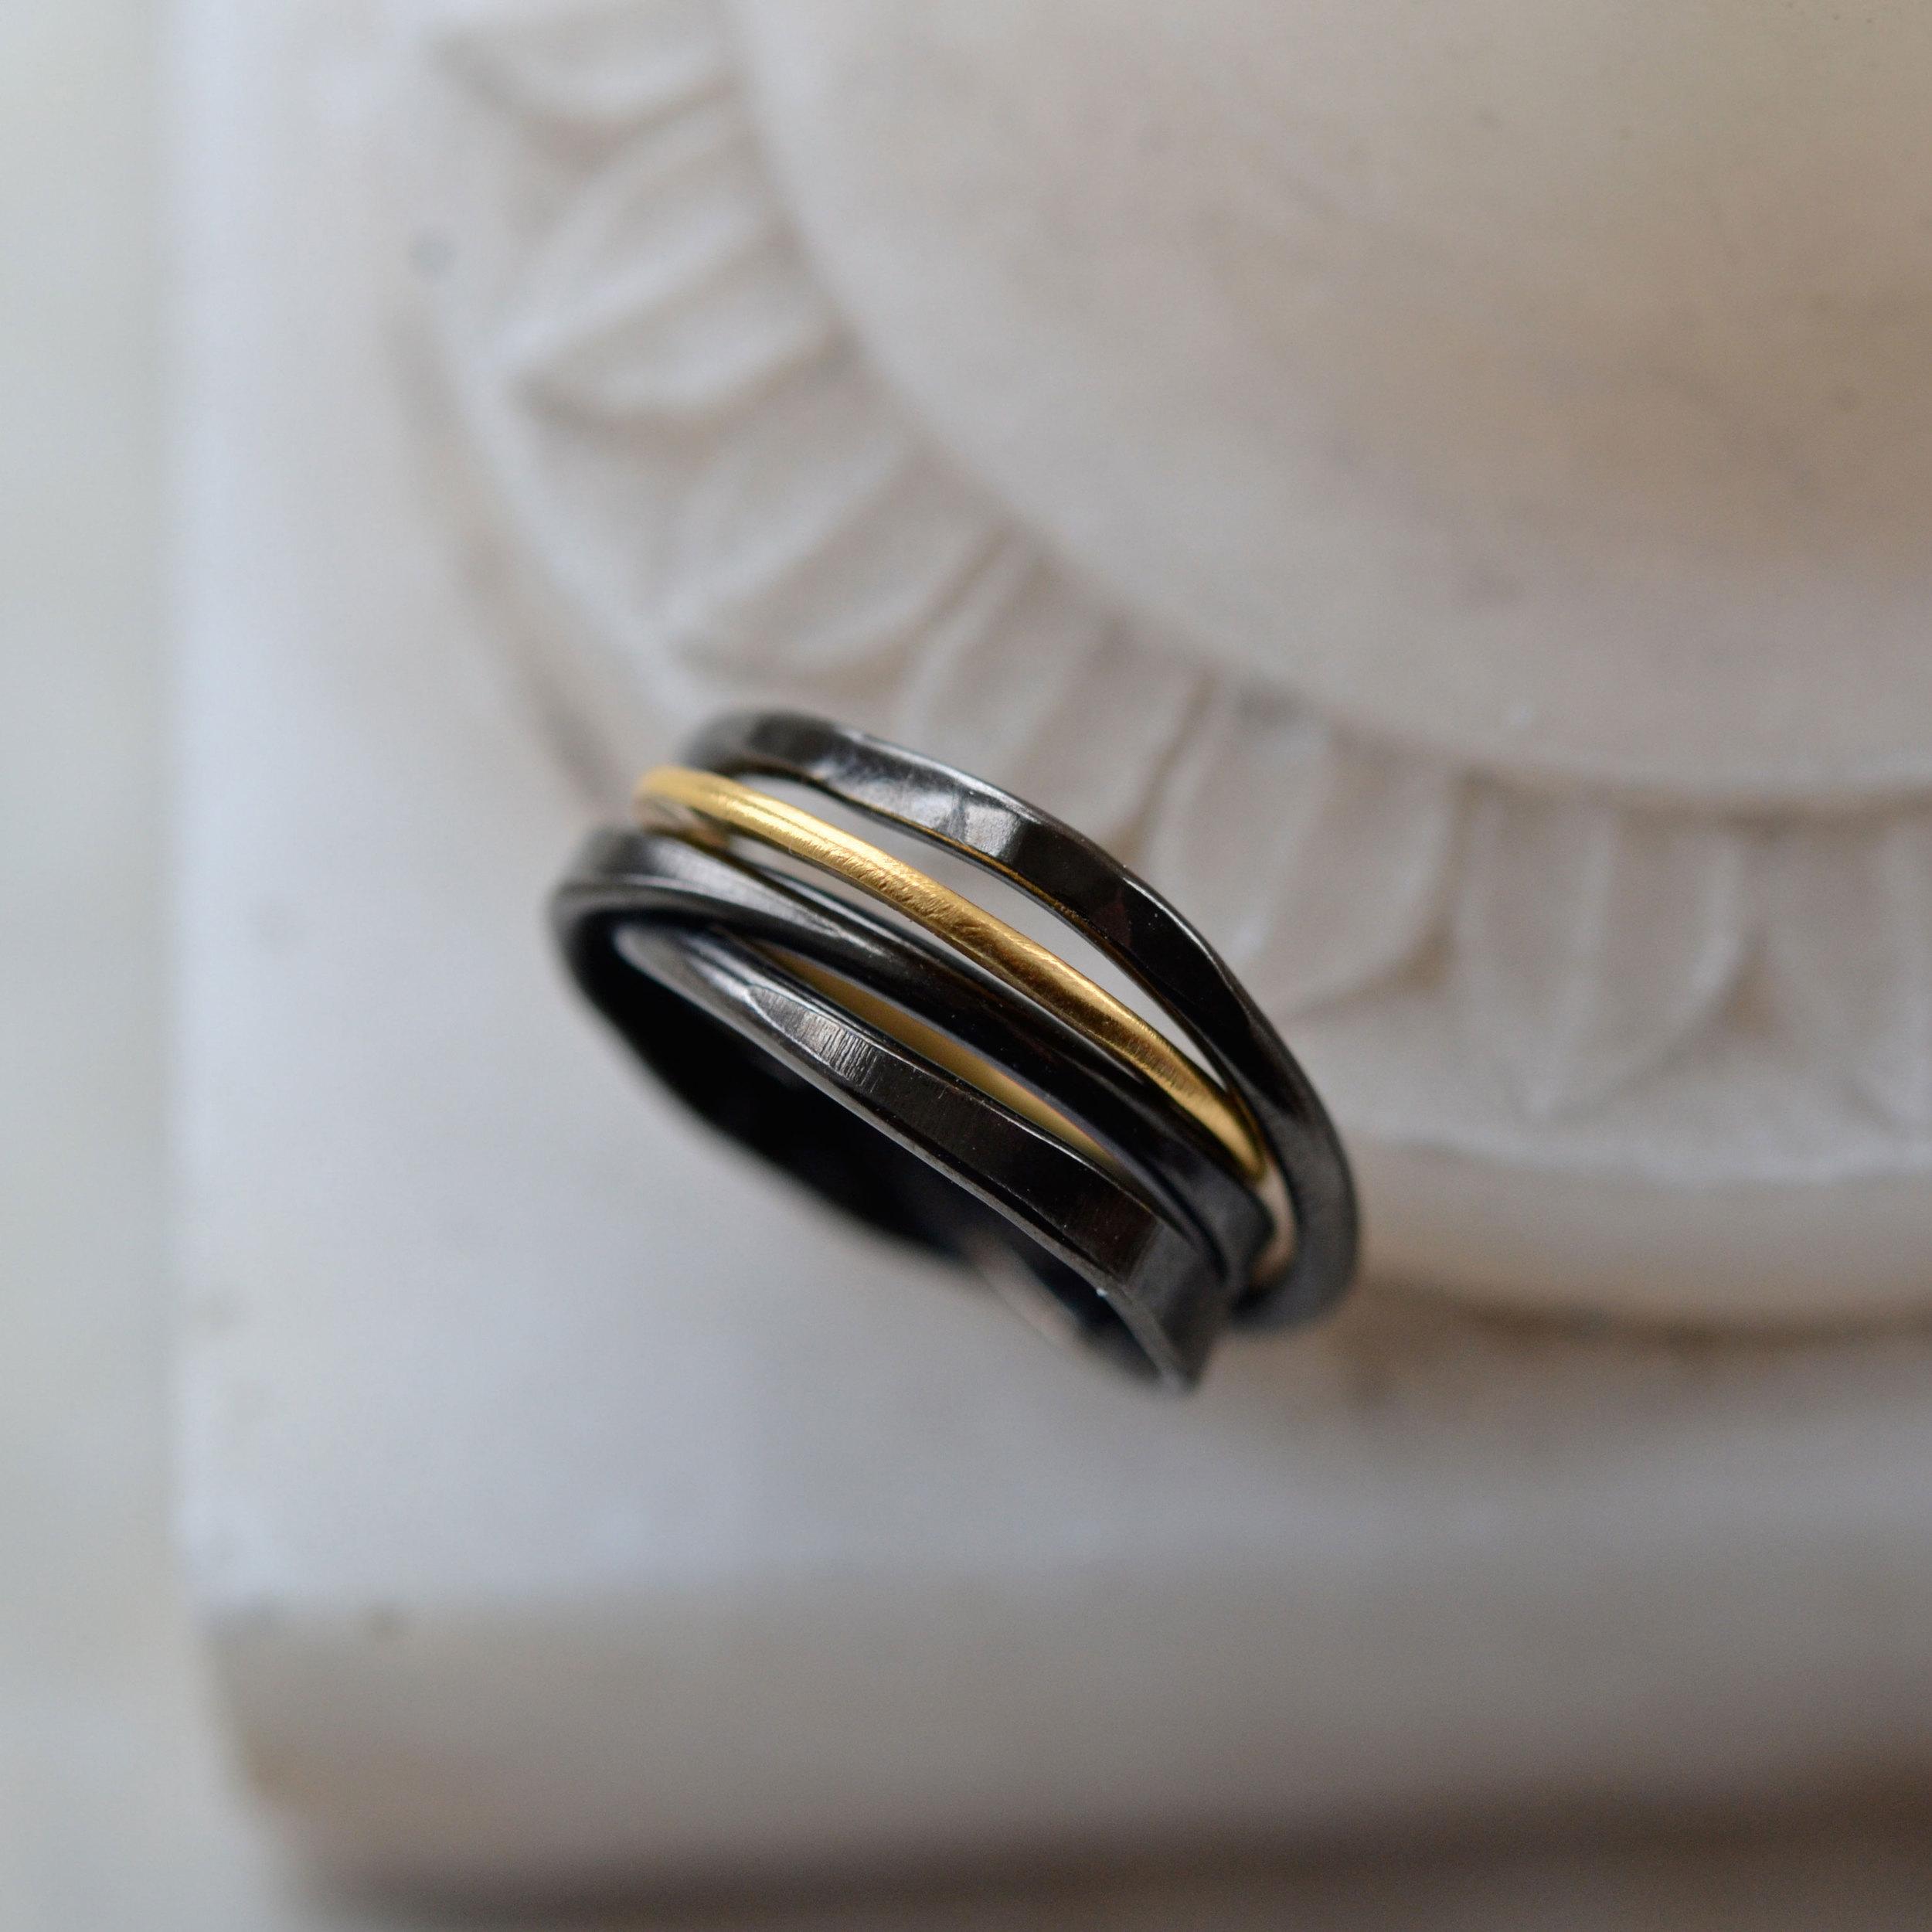 RUTHENIUM & GOLD RING